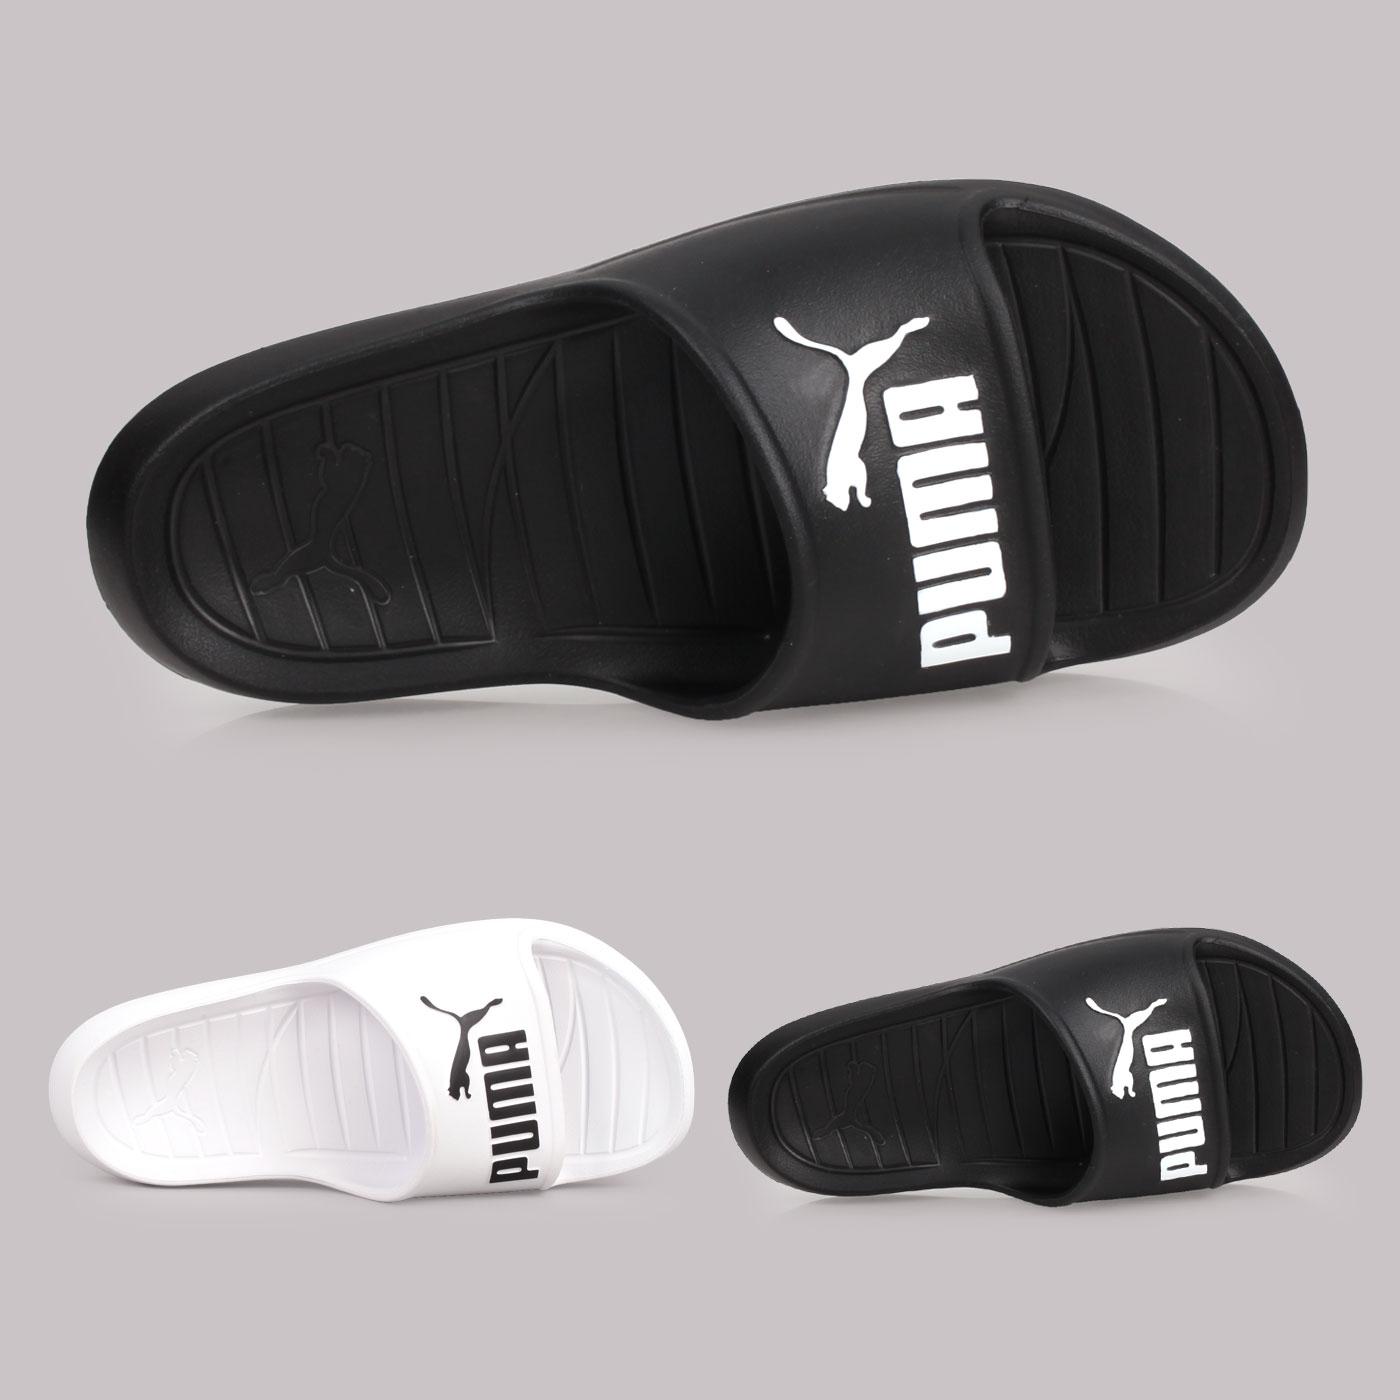 PUMA 運動拖鞋  @Divecat v2@36940001